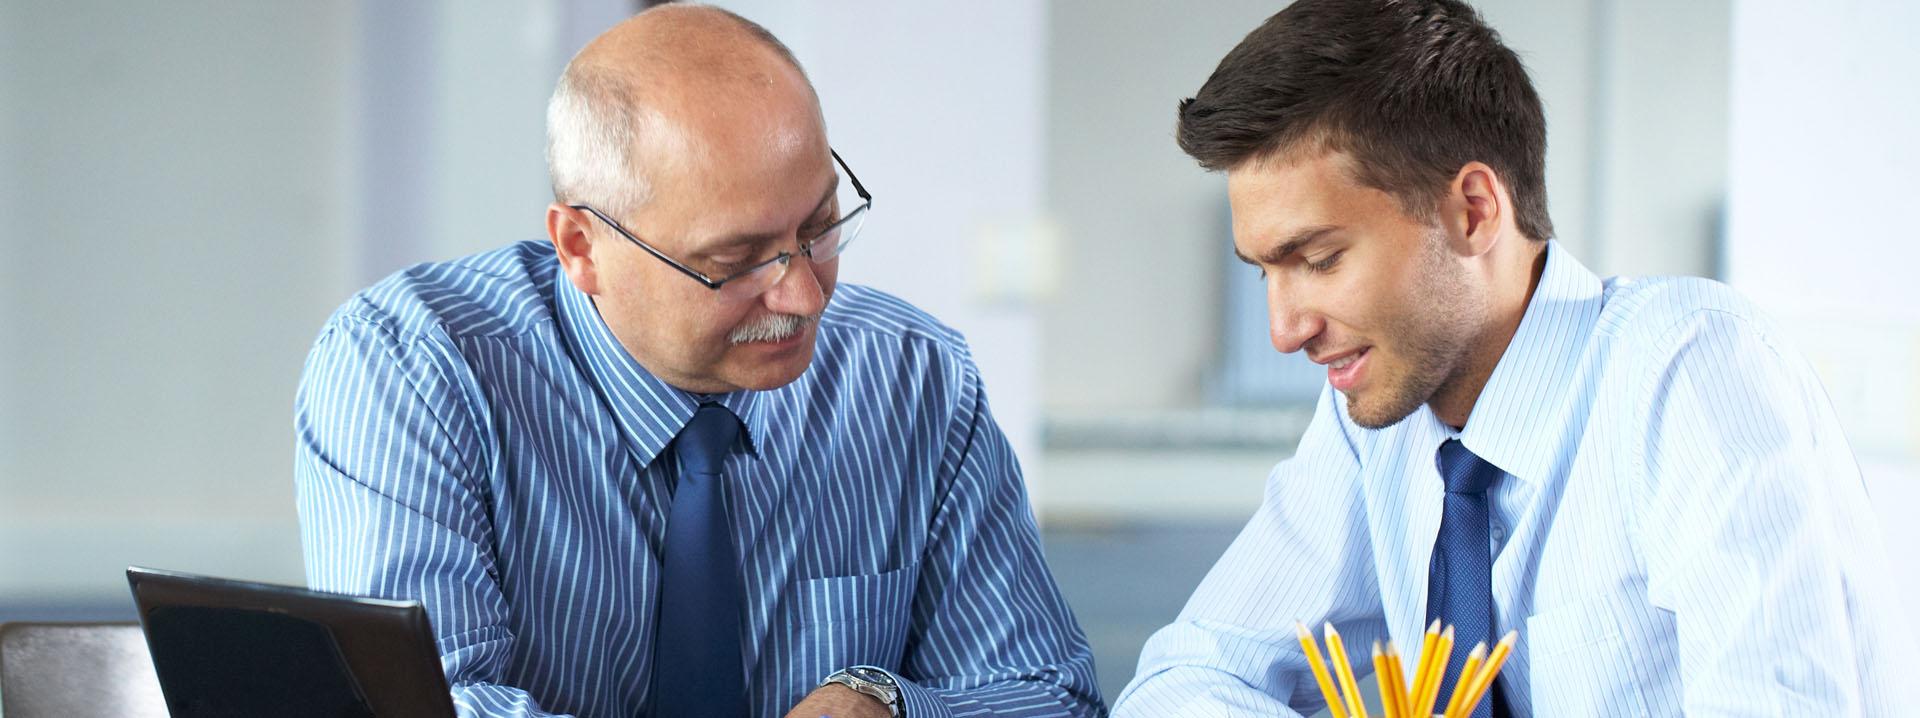 szkolenie z mentoringu